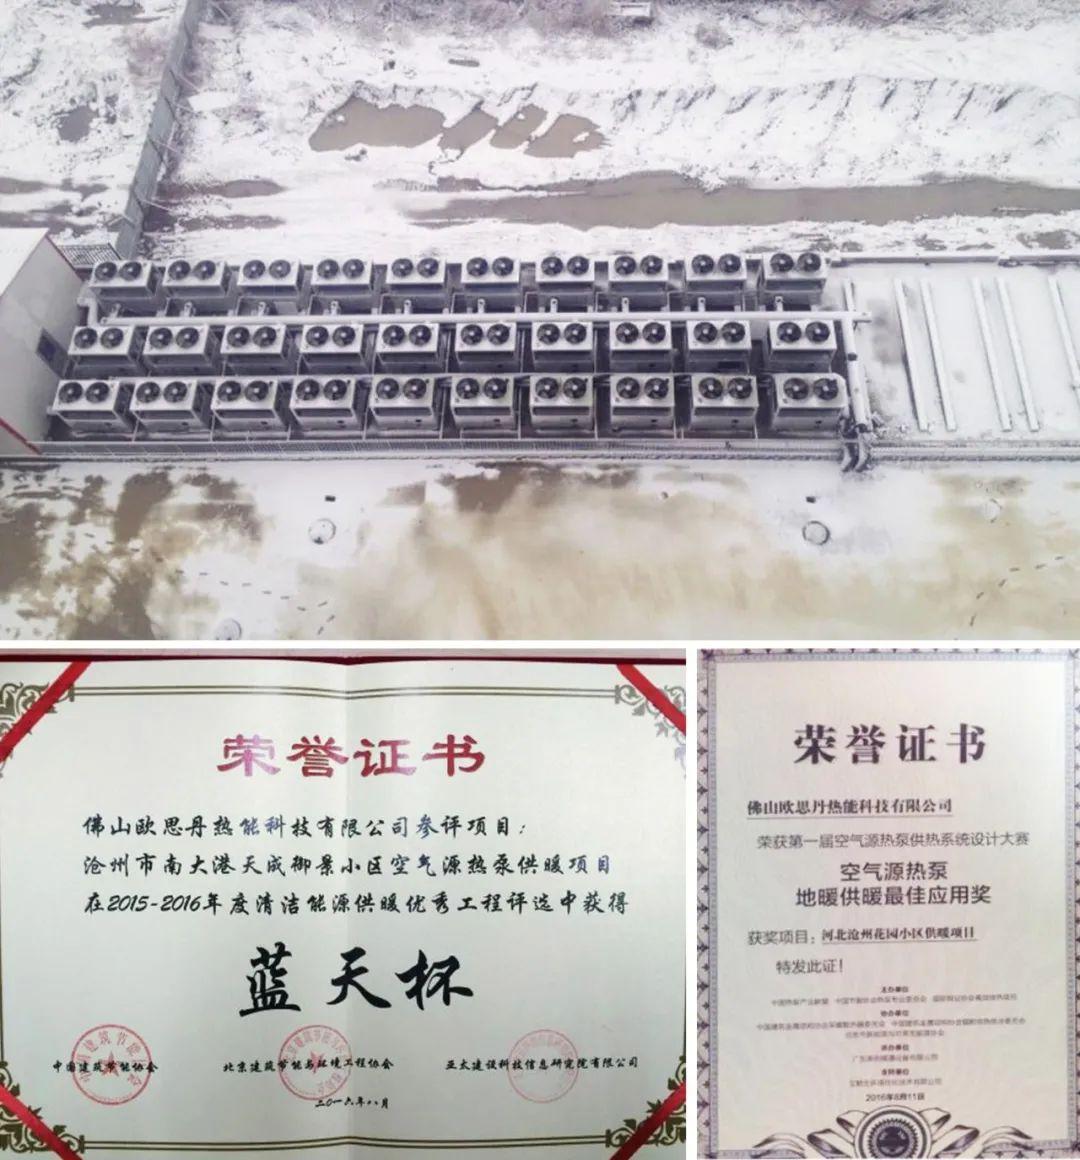 获奖案例 | 低温空气源热泵在节能建筑上的应用——沧州花园小区供暖项目